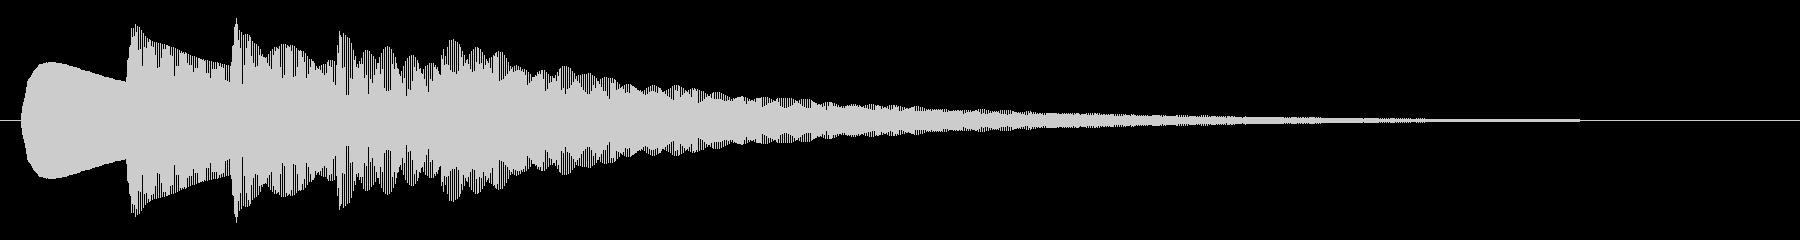 ピンポンパンポンピン_(お知らせ)上昇の未再生の波形